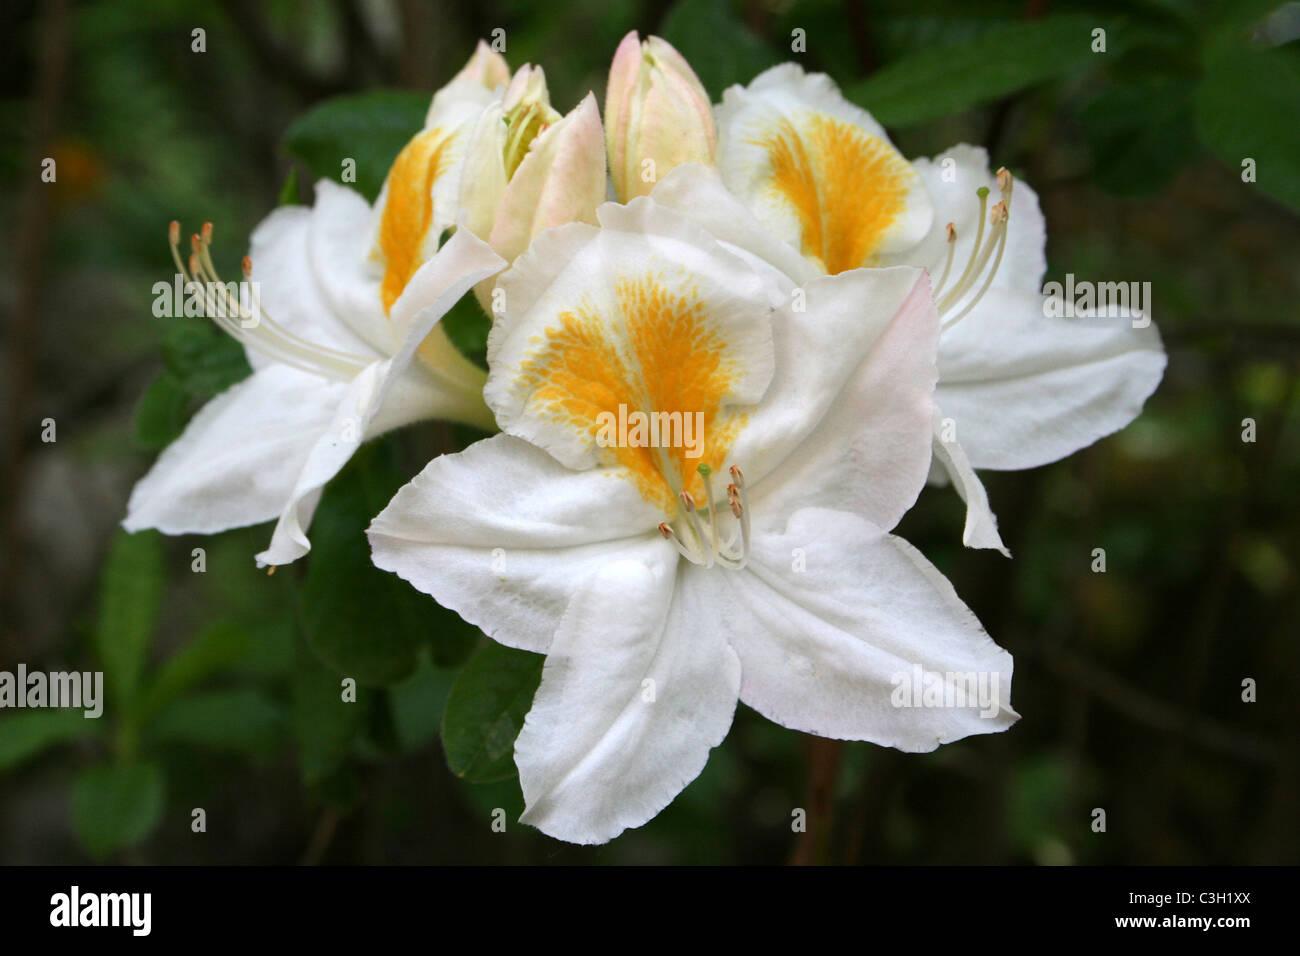 White azalea flowers with yellow splash stock photo 36639426 alamy white azalea flowers with yellow splash mightylinksfo